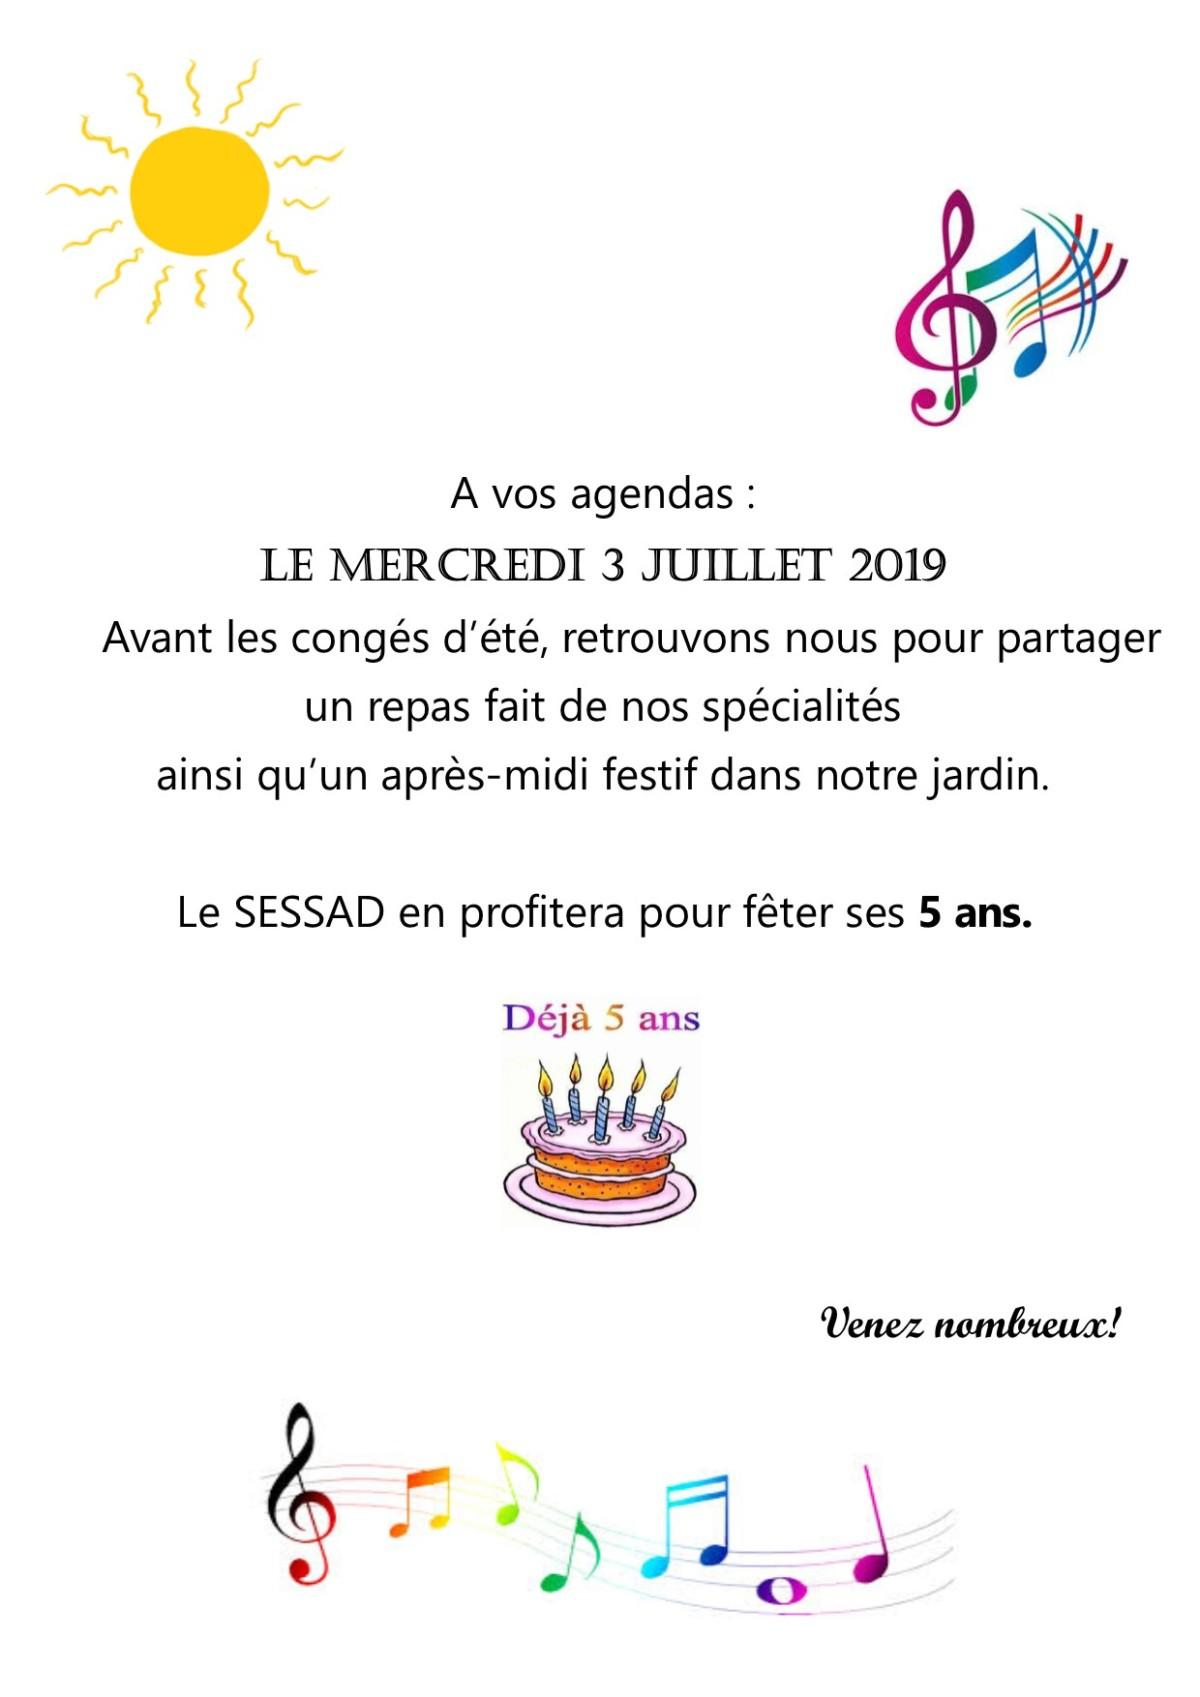 Le S.E.S.S.A.D. de Paris fête ses 5 ans !